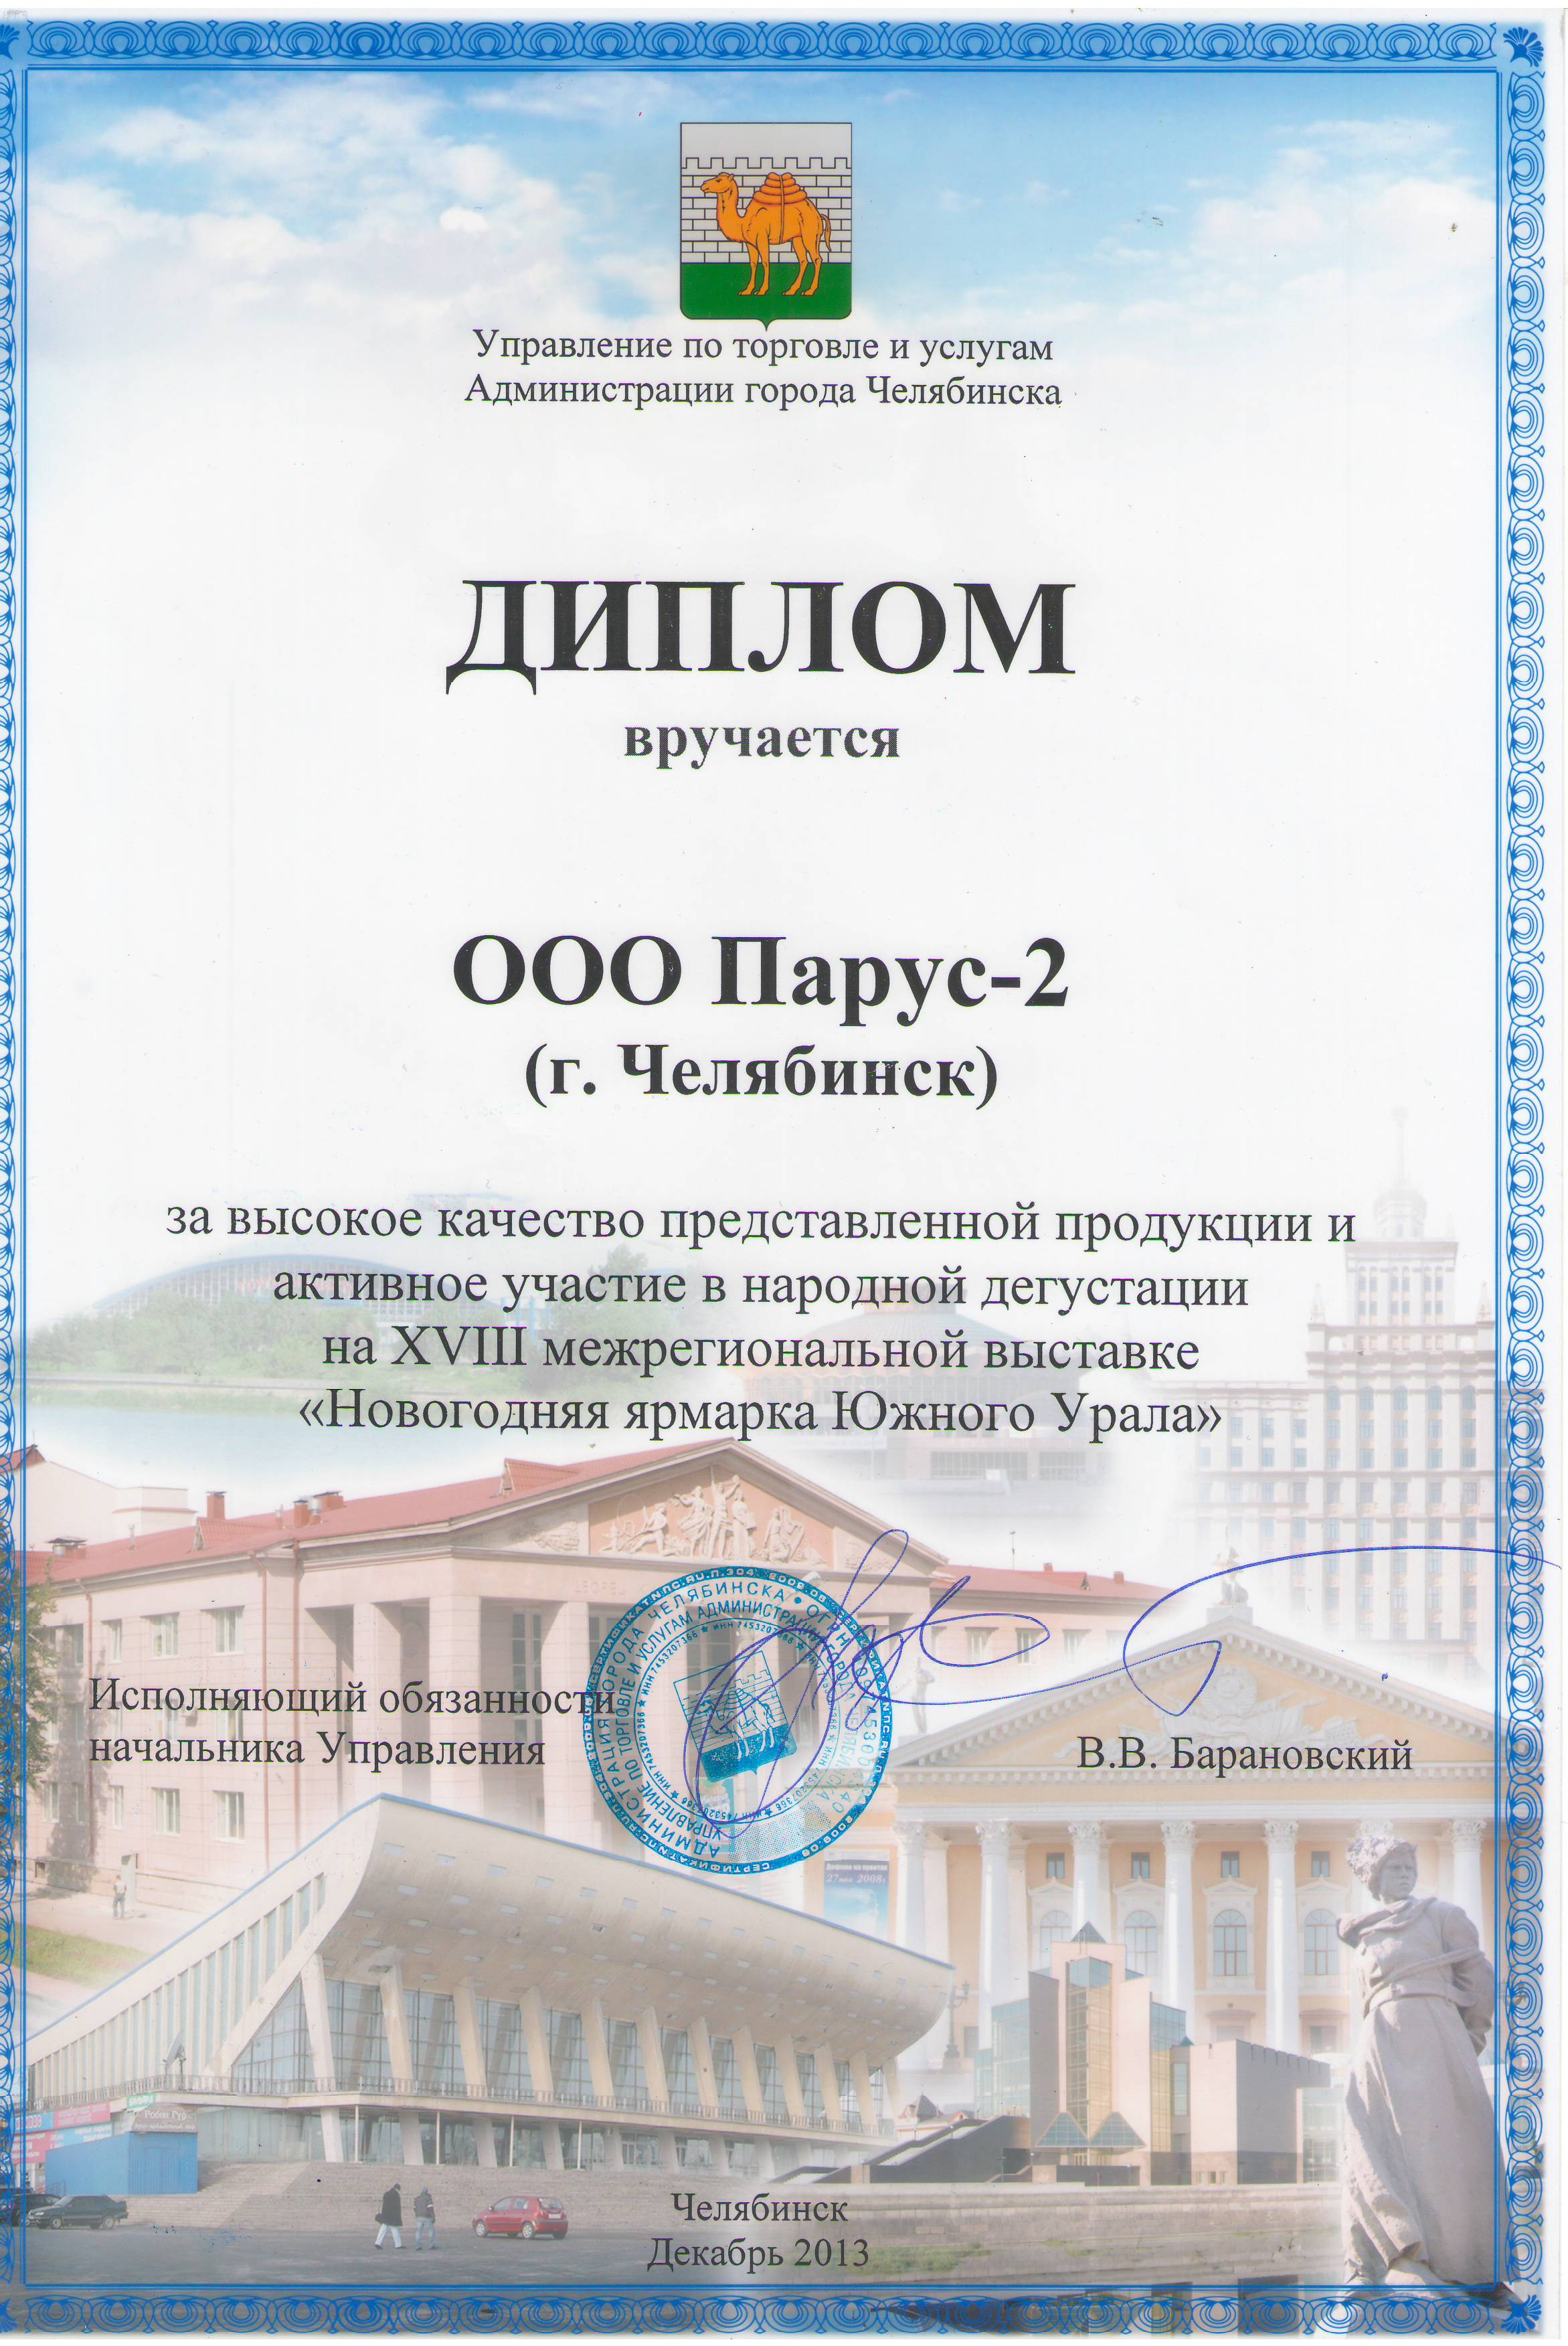 Новогодняя ярмарка Южного Урала